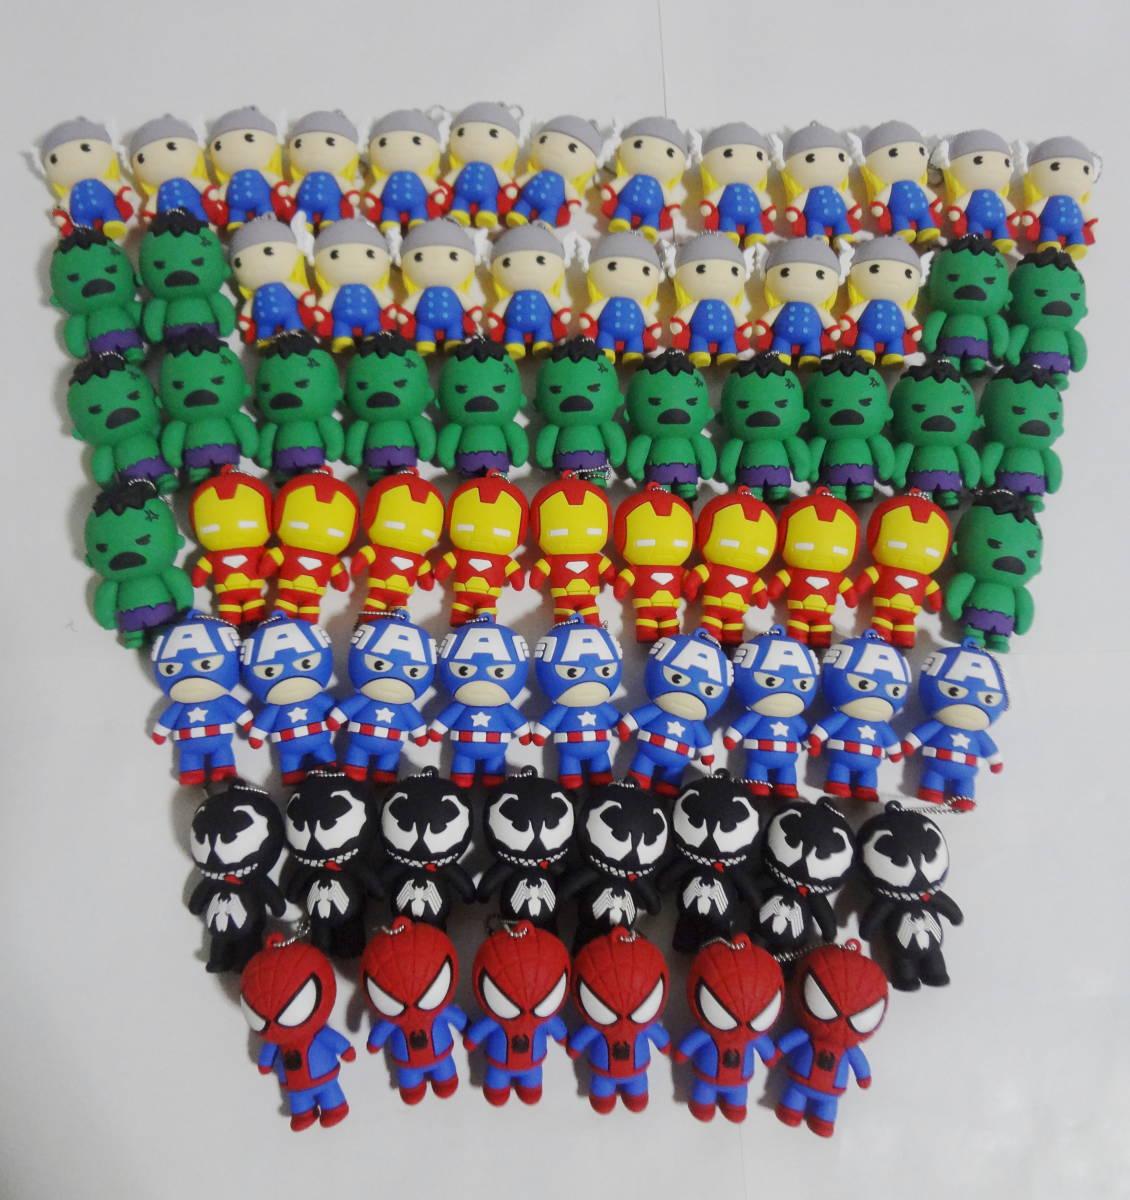 MARVEL マーベル ラバーマスコット ボールチェーンマスコット スパイダーマン/ヴェノム/キャプテン・アメリカ他 大量セット_画像1